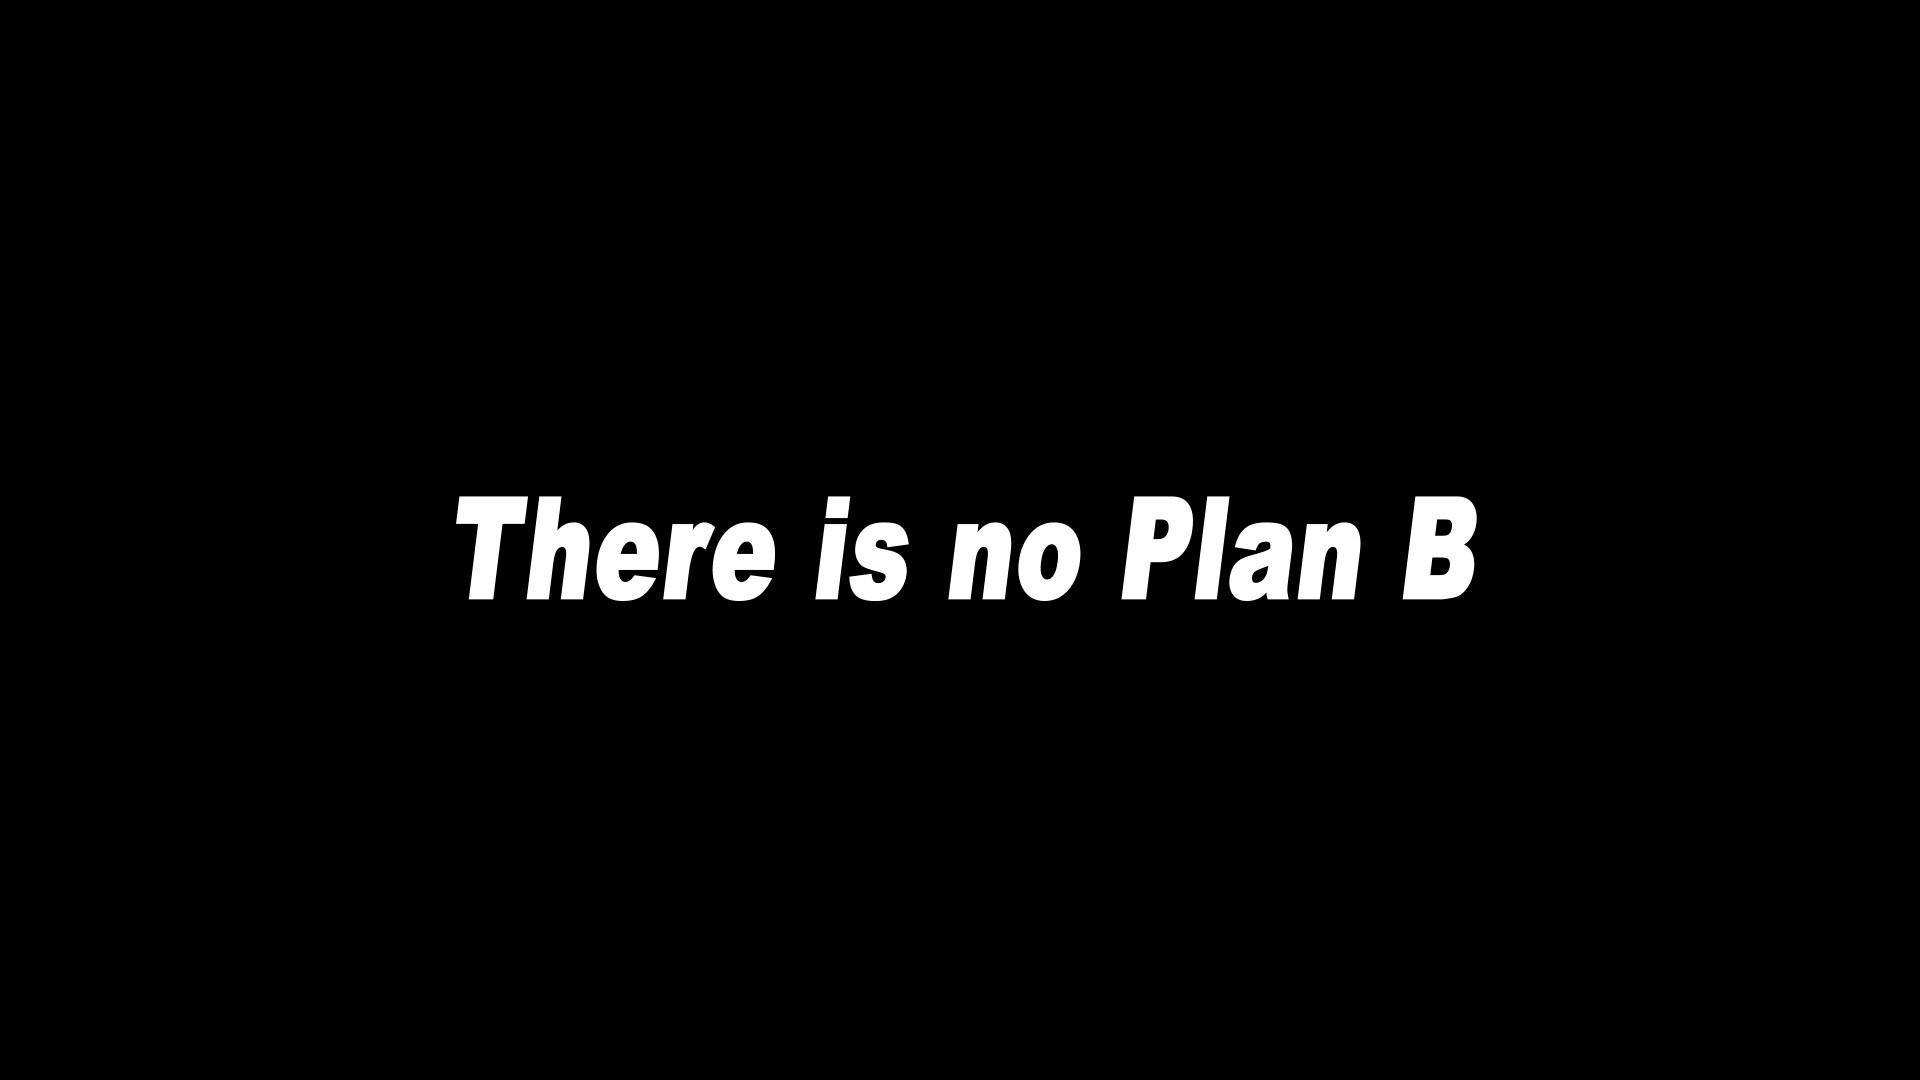 Plan B Wallpaper 63 Images